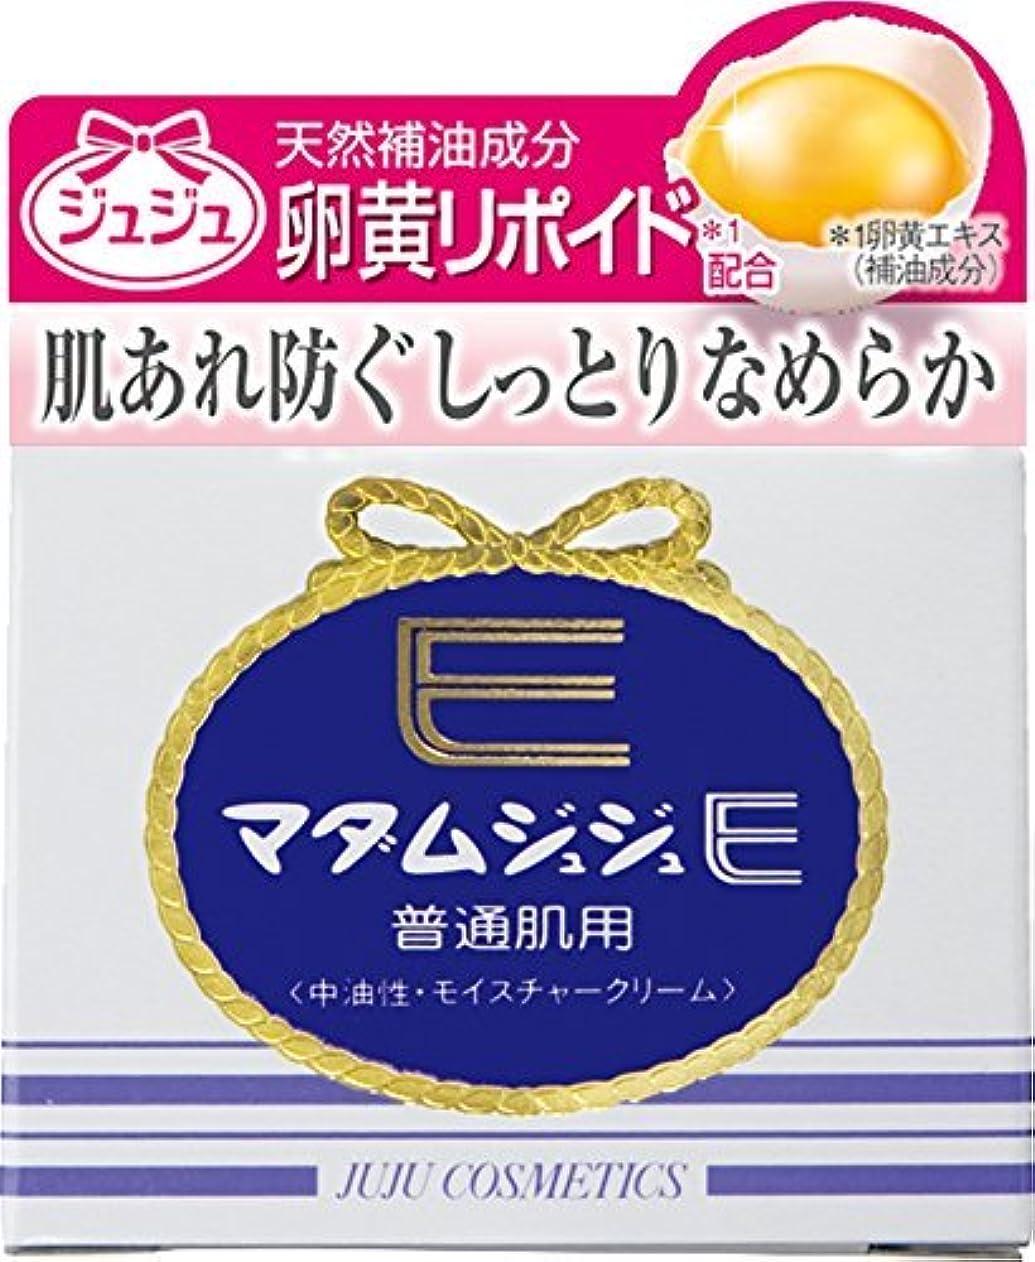 時間厳守モッキンバードハリウッドマダムジュジュE クリーム ビタミンE+卵黄リポイド配合 52g